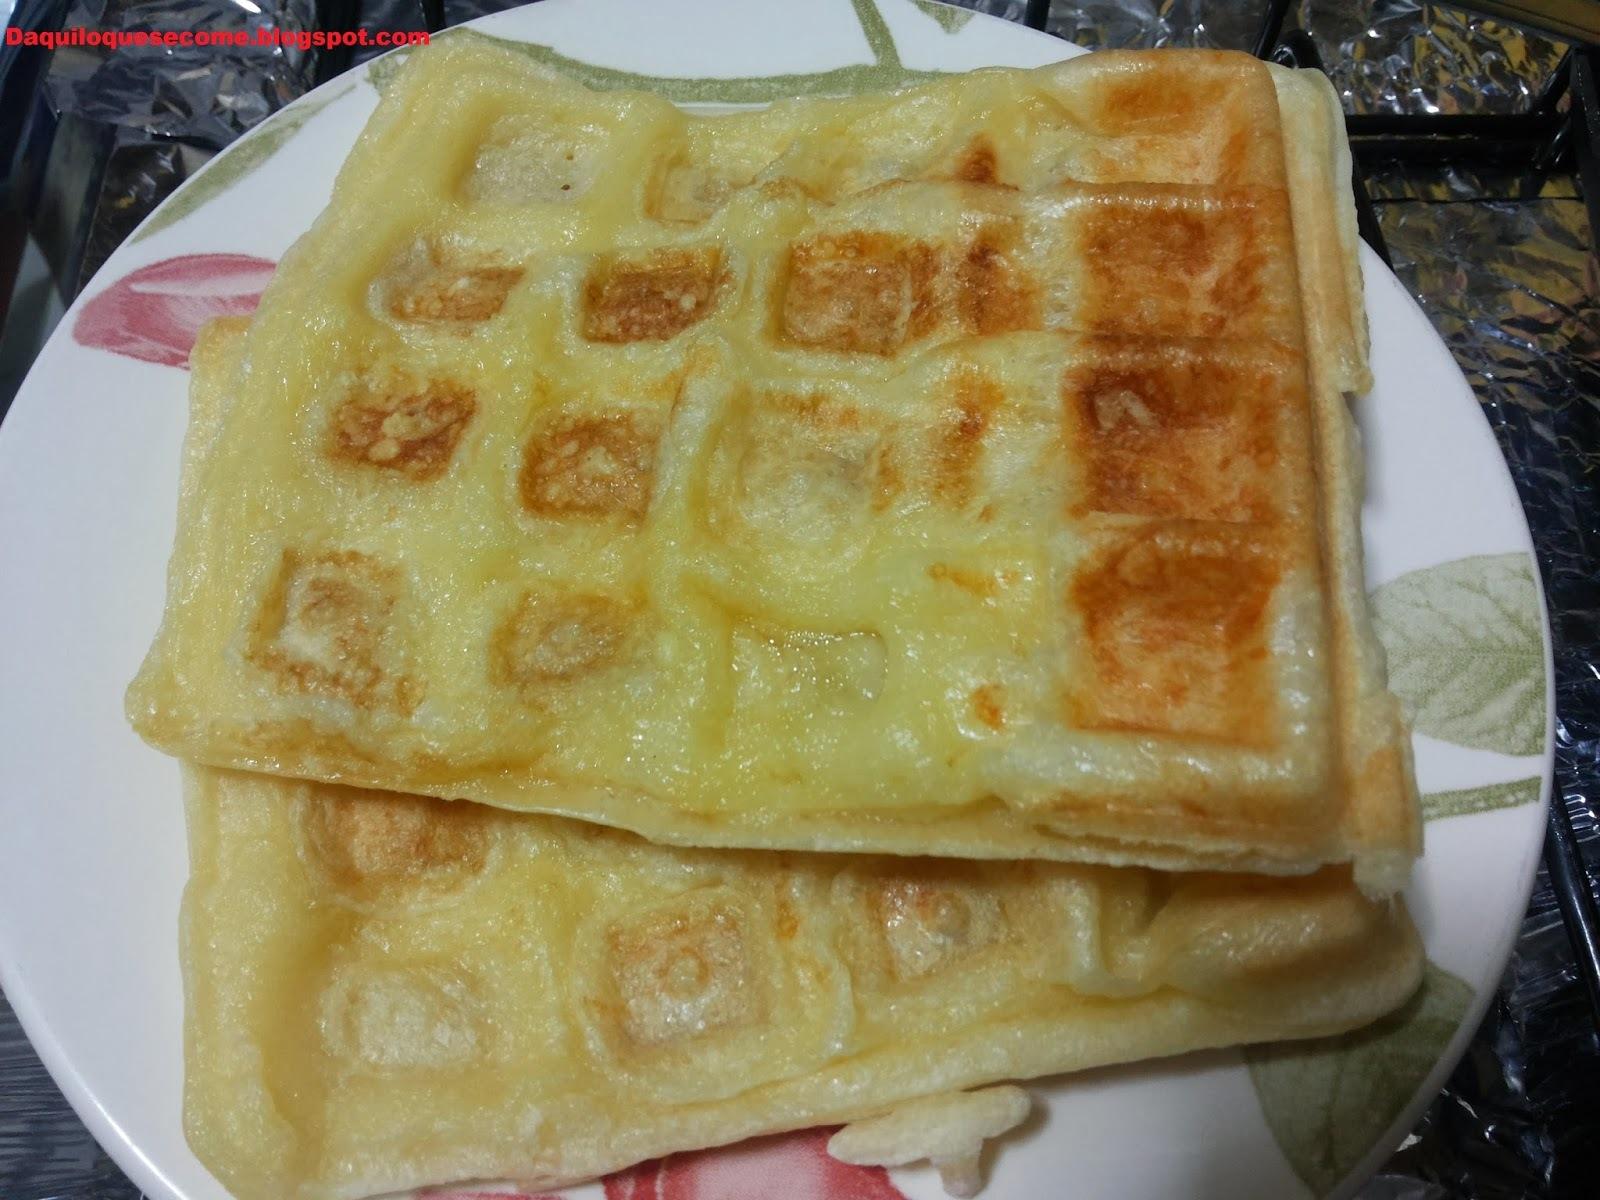 Pão de queijo na sanduicheira ou máquina de waffle.